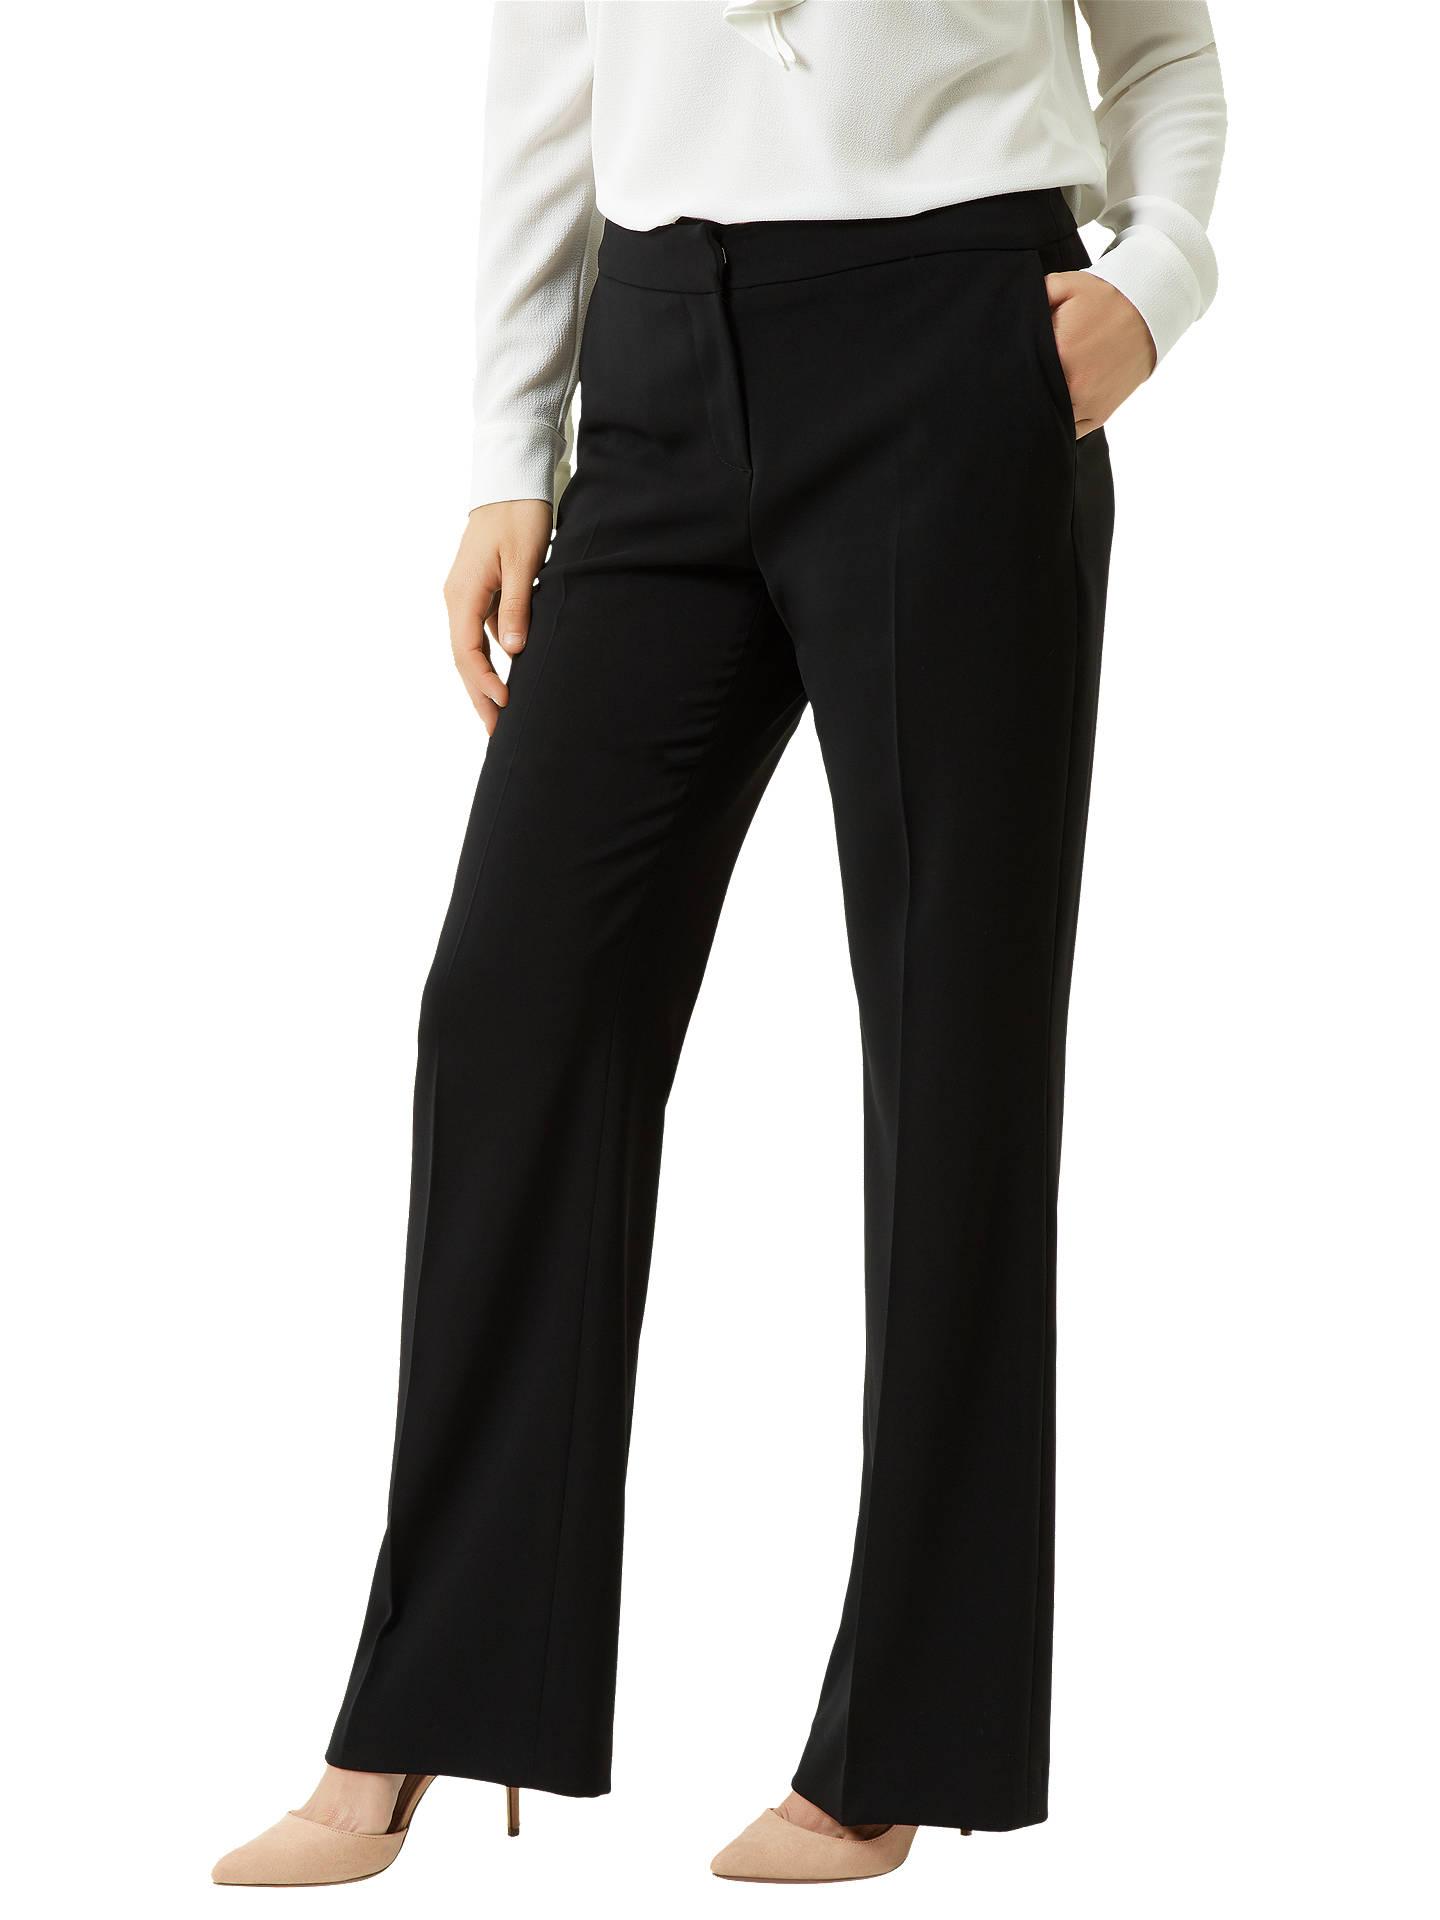 0e13edcf426e Buy Fenn Wright Manson Petite Harper Trouser, Black, 8 Online at  johnlewis.com ...